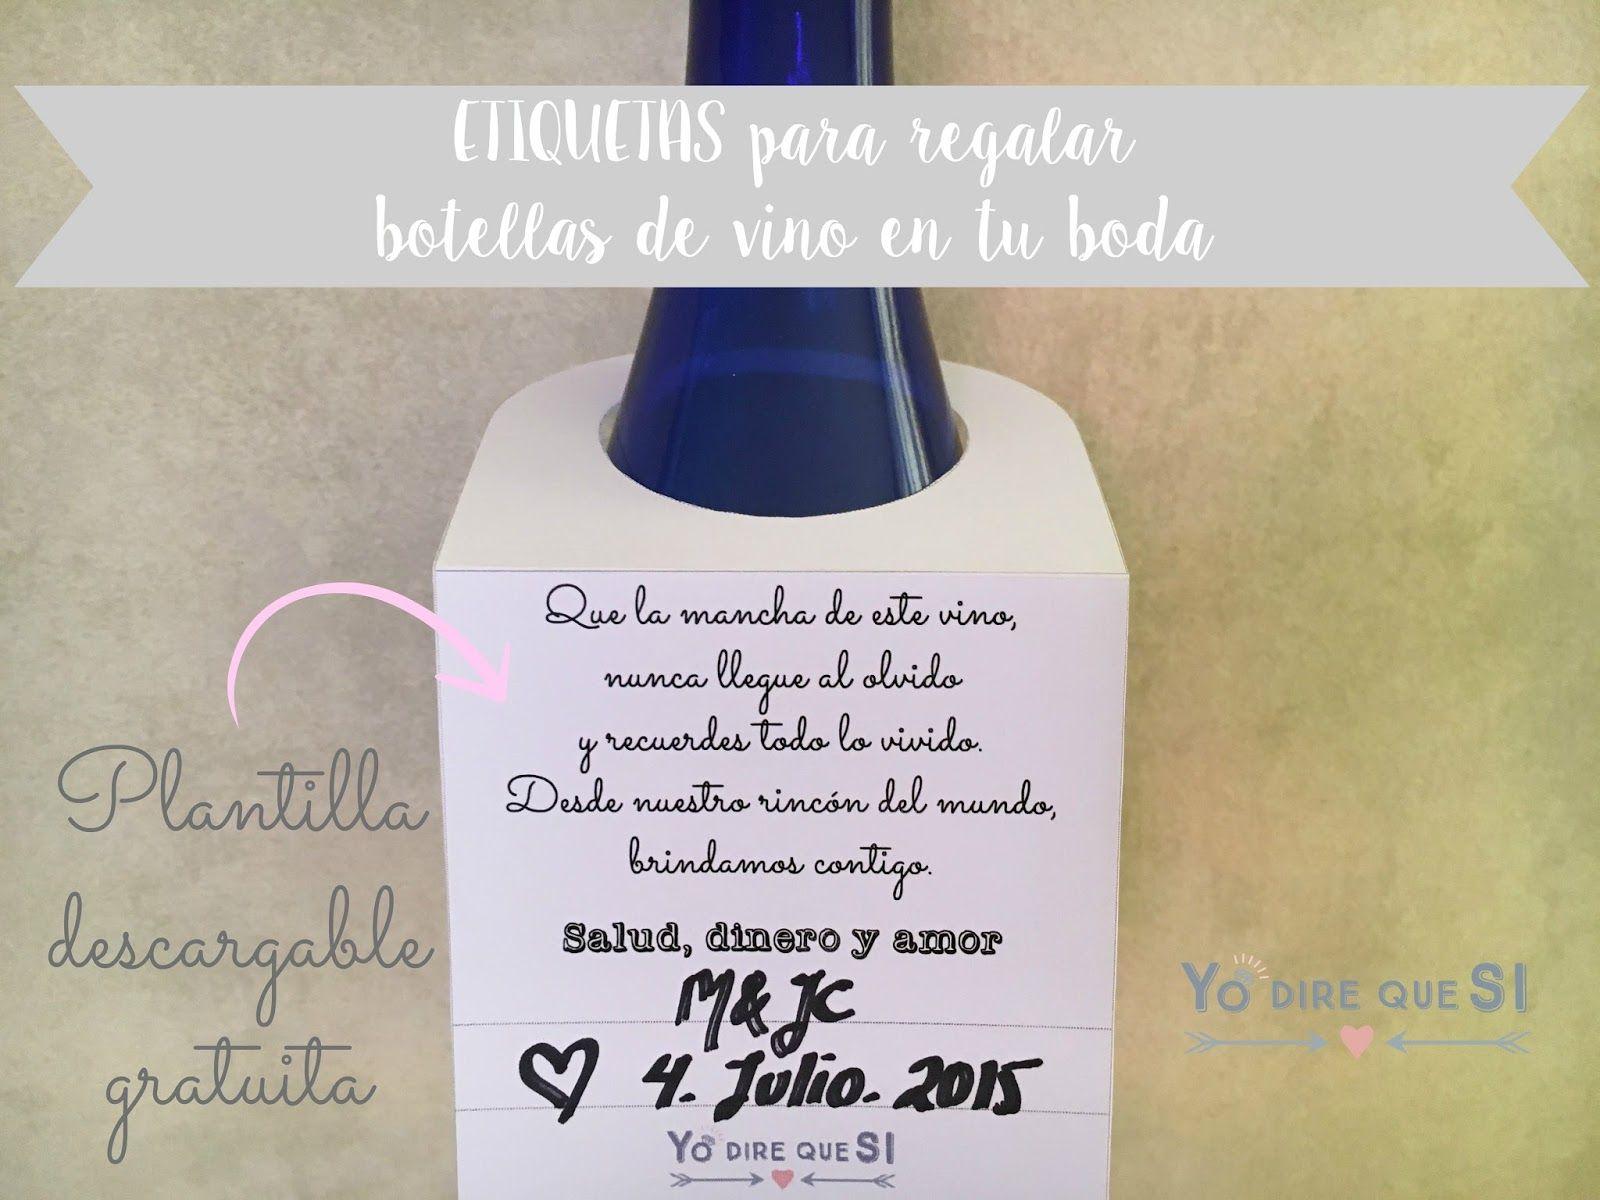 Etiquetas personalizadas para regalar botellas de vino en tu boda ...